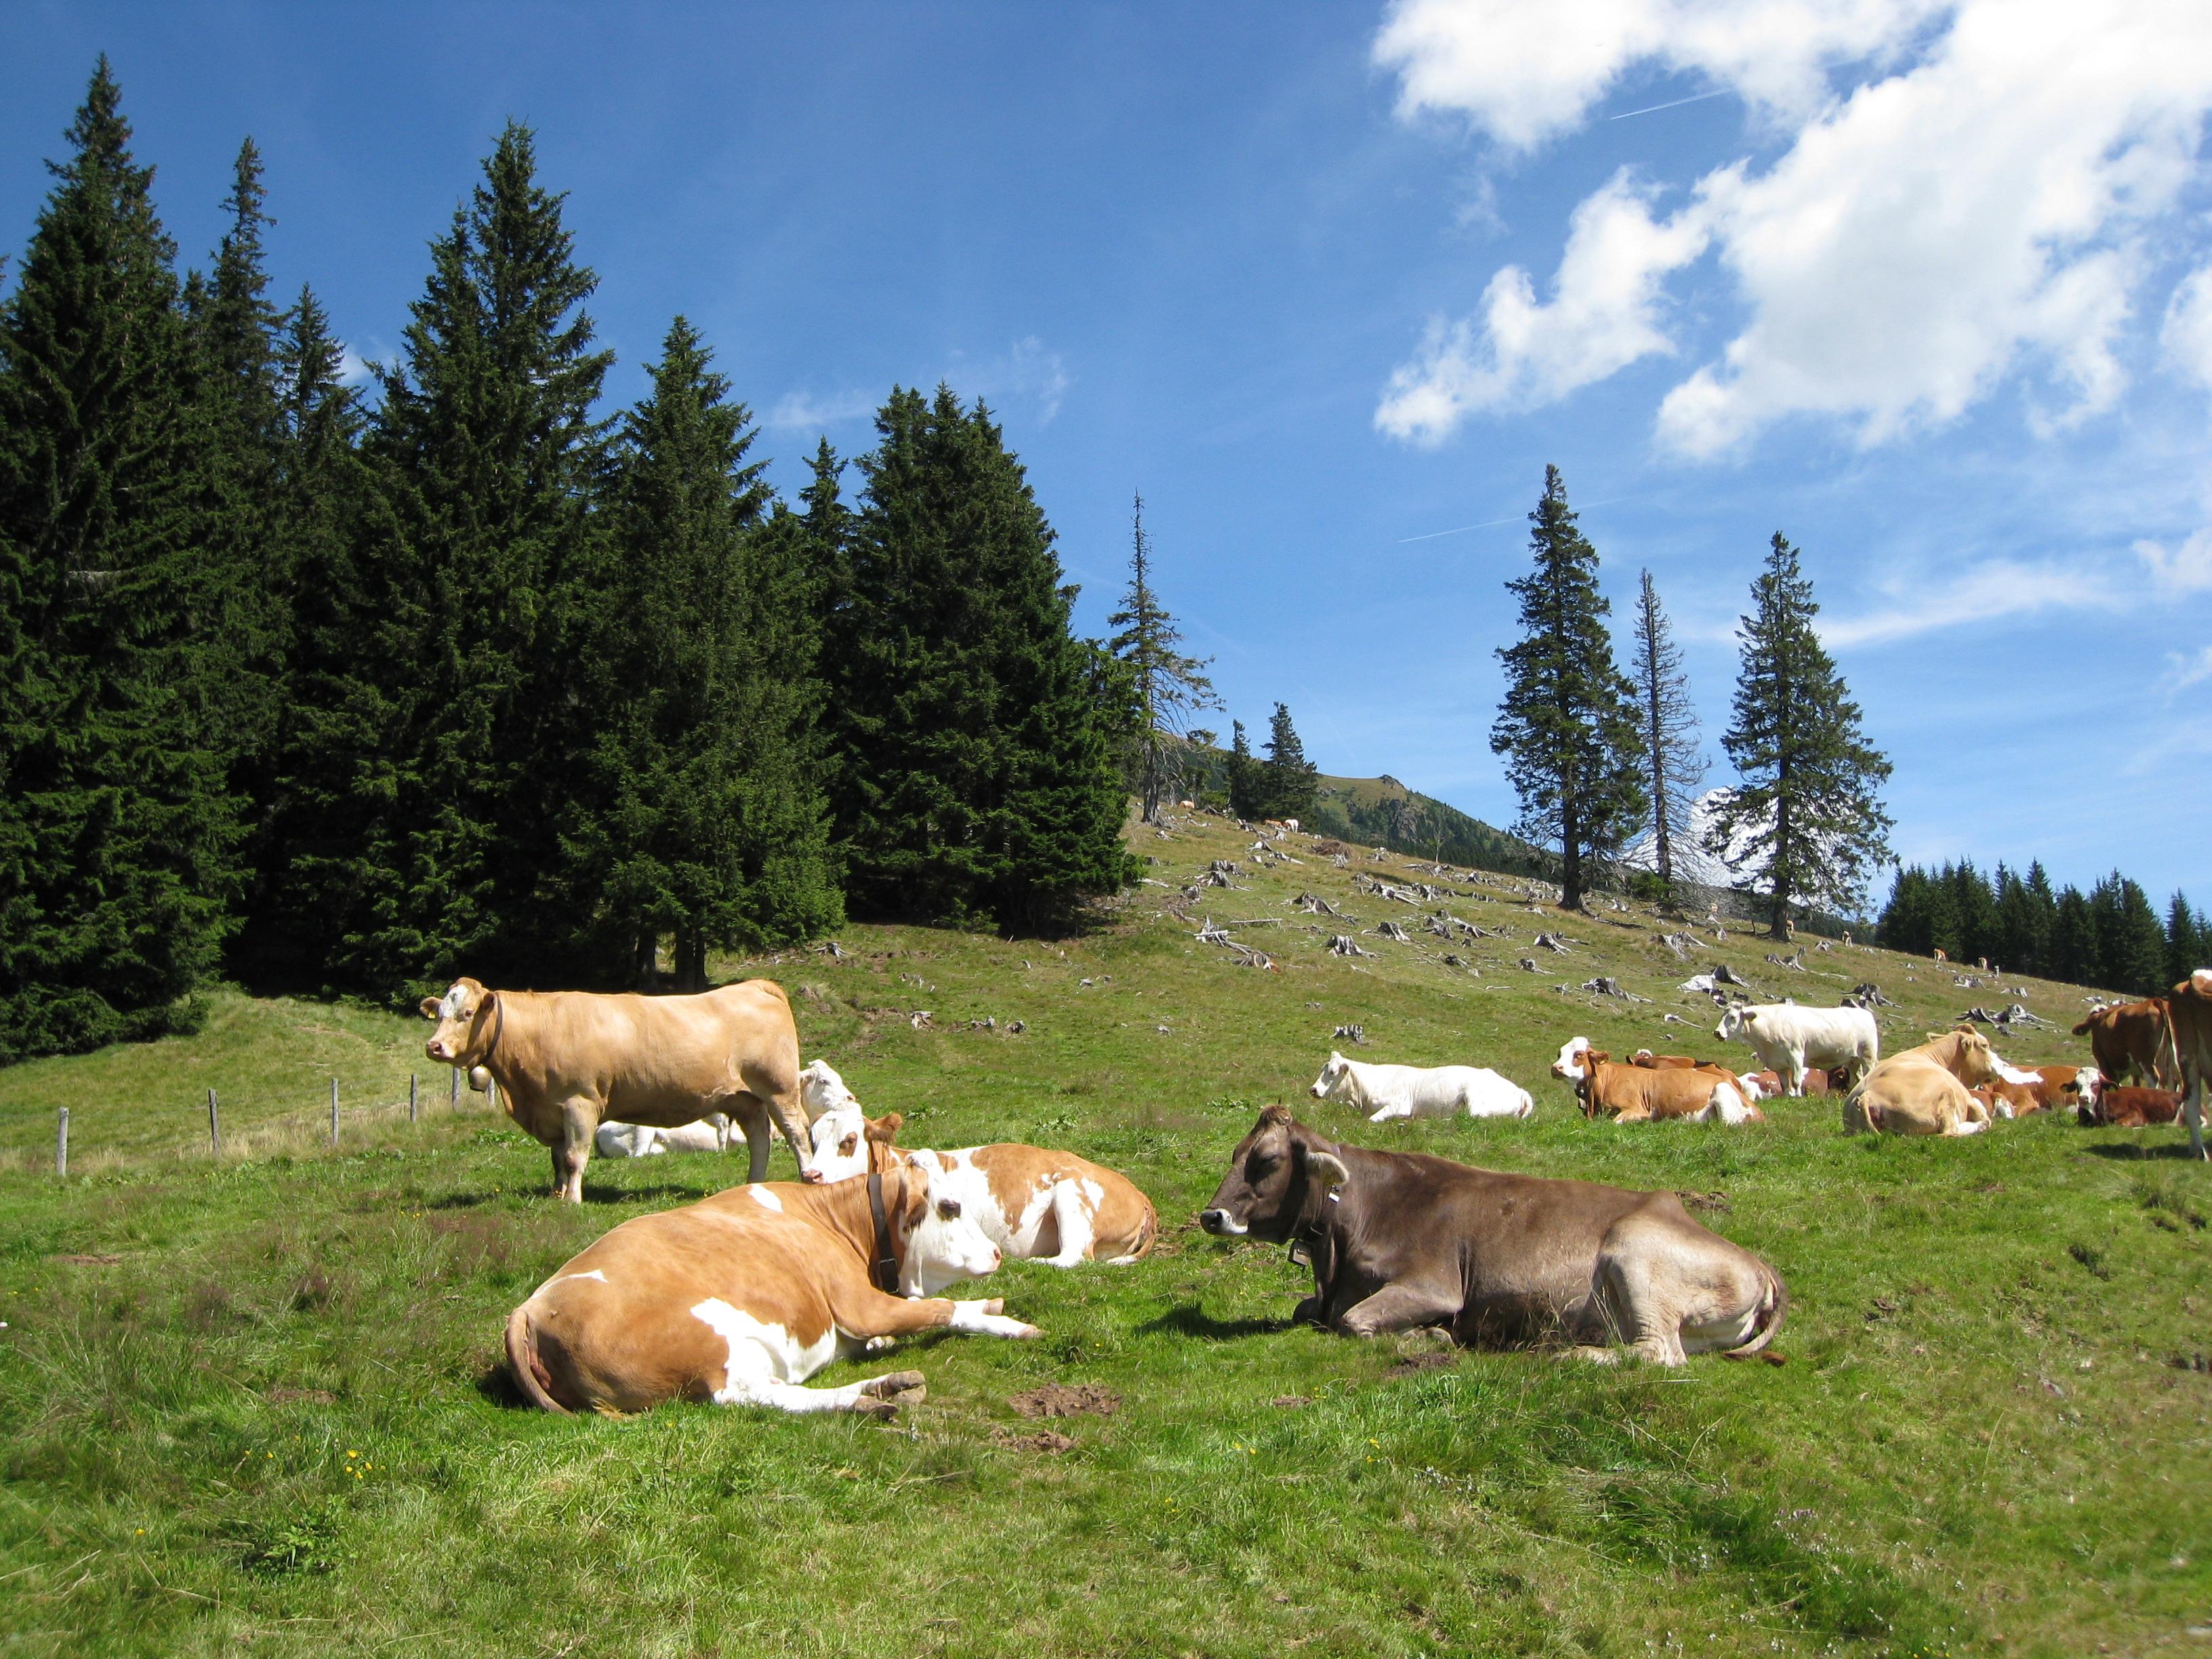 Tierwohl - liegende Rinder auf einer Alm-Weidefläche